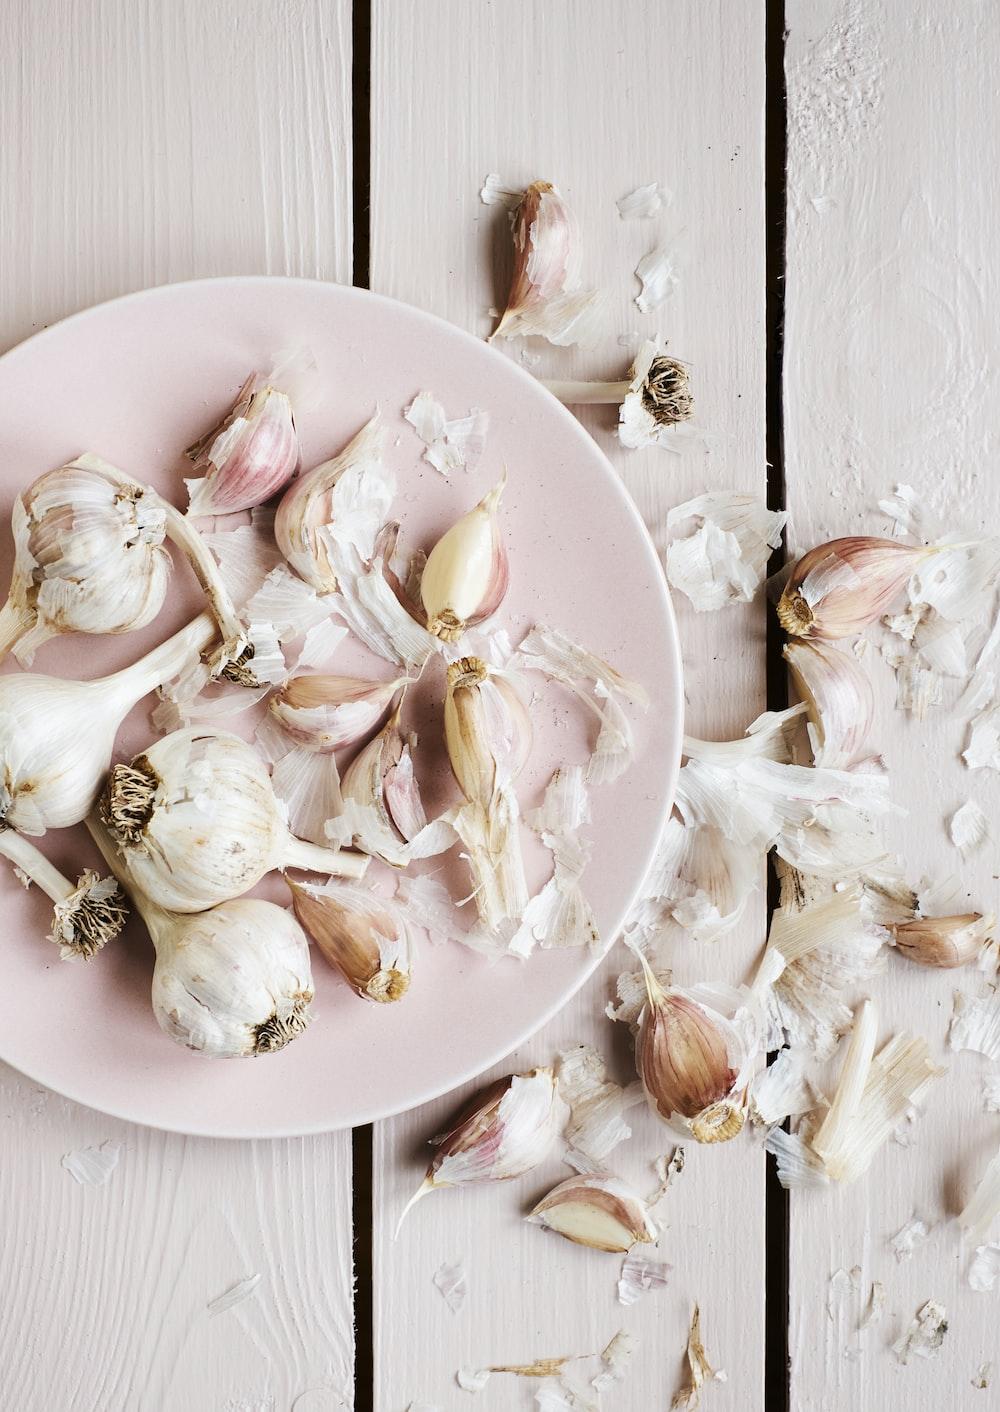 garlic cloves on round white plate